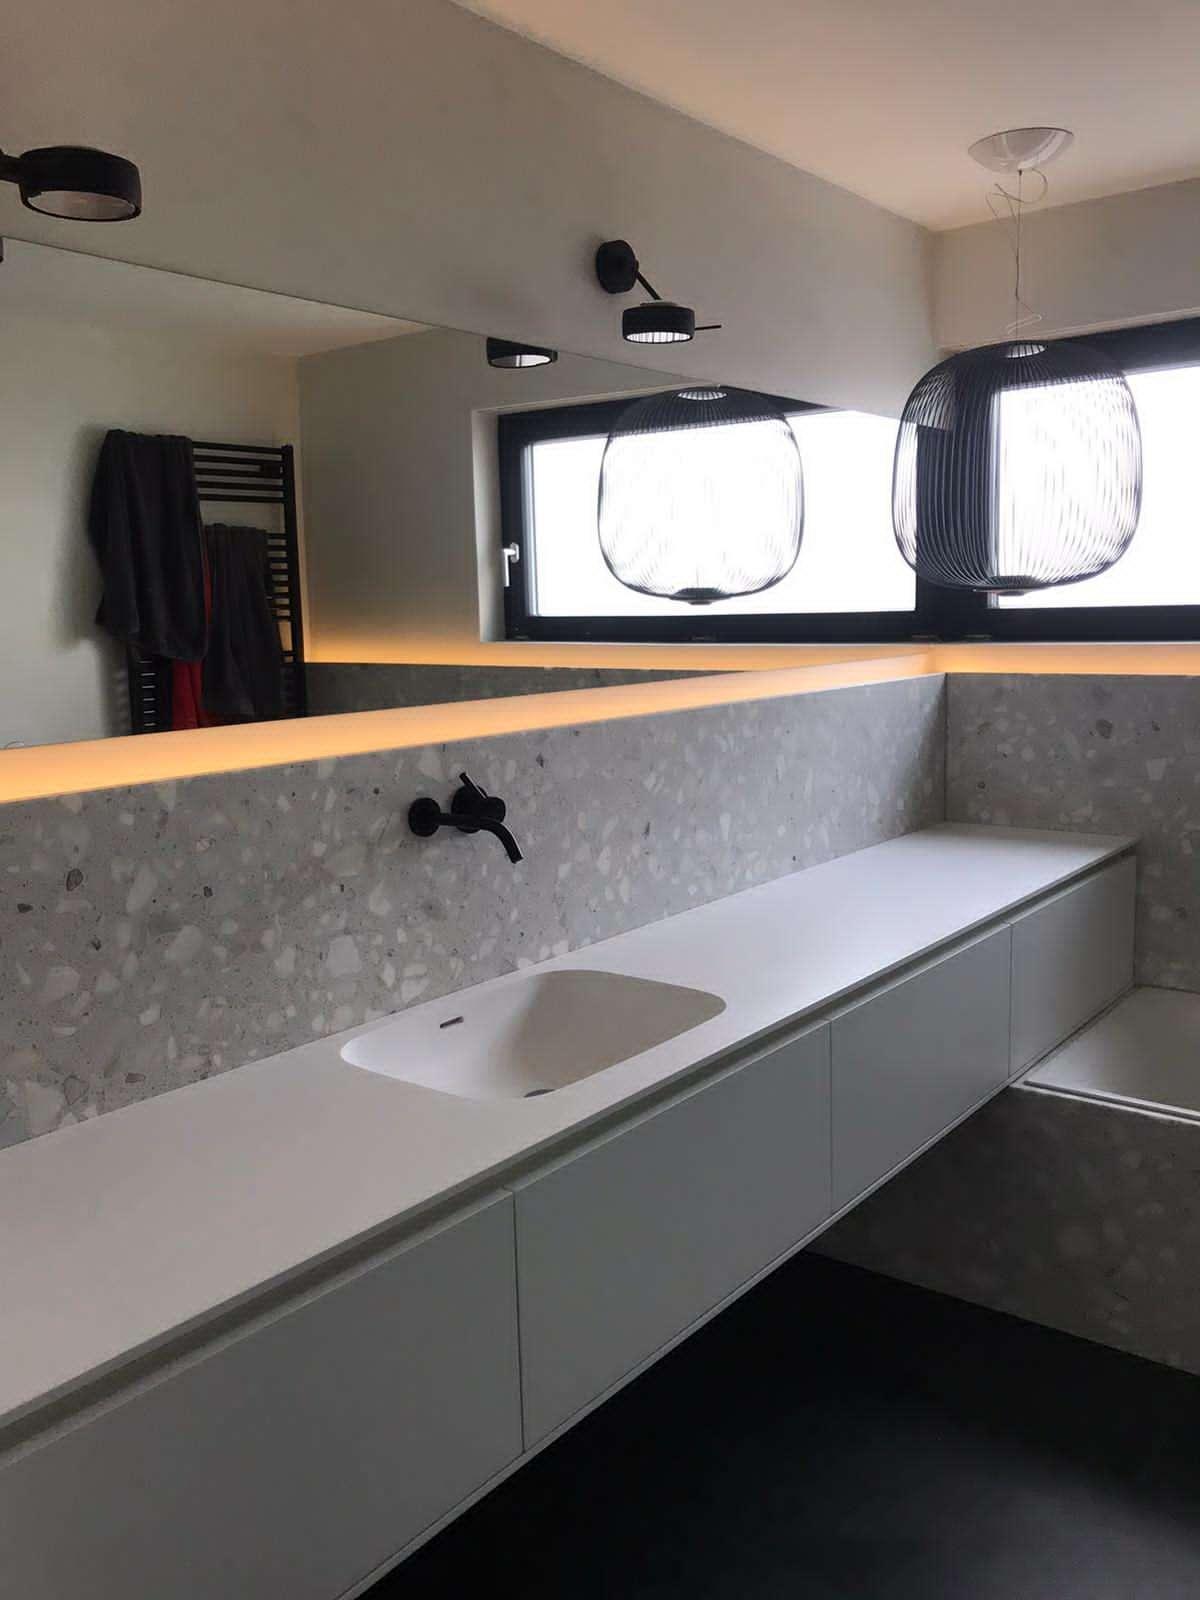 Freihängendes Badezimmermöbel mit fugenlosem Corian Waschtisch. Spiegelband über die Breite des Raums. Wasserhahn aus der Wand kommend.